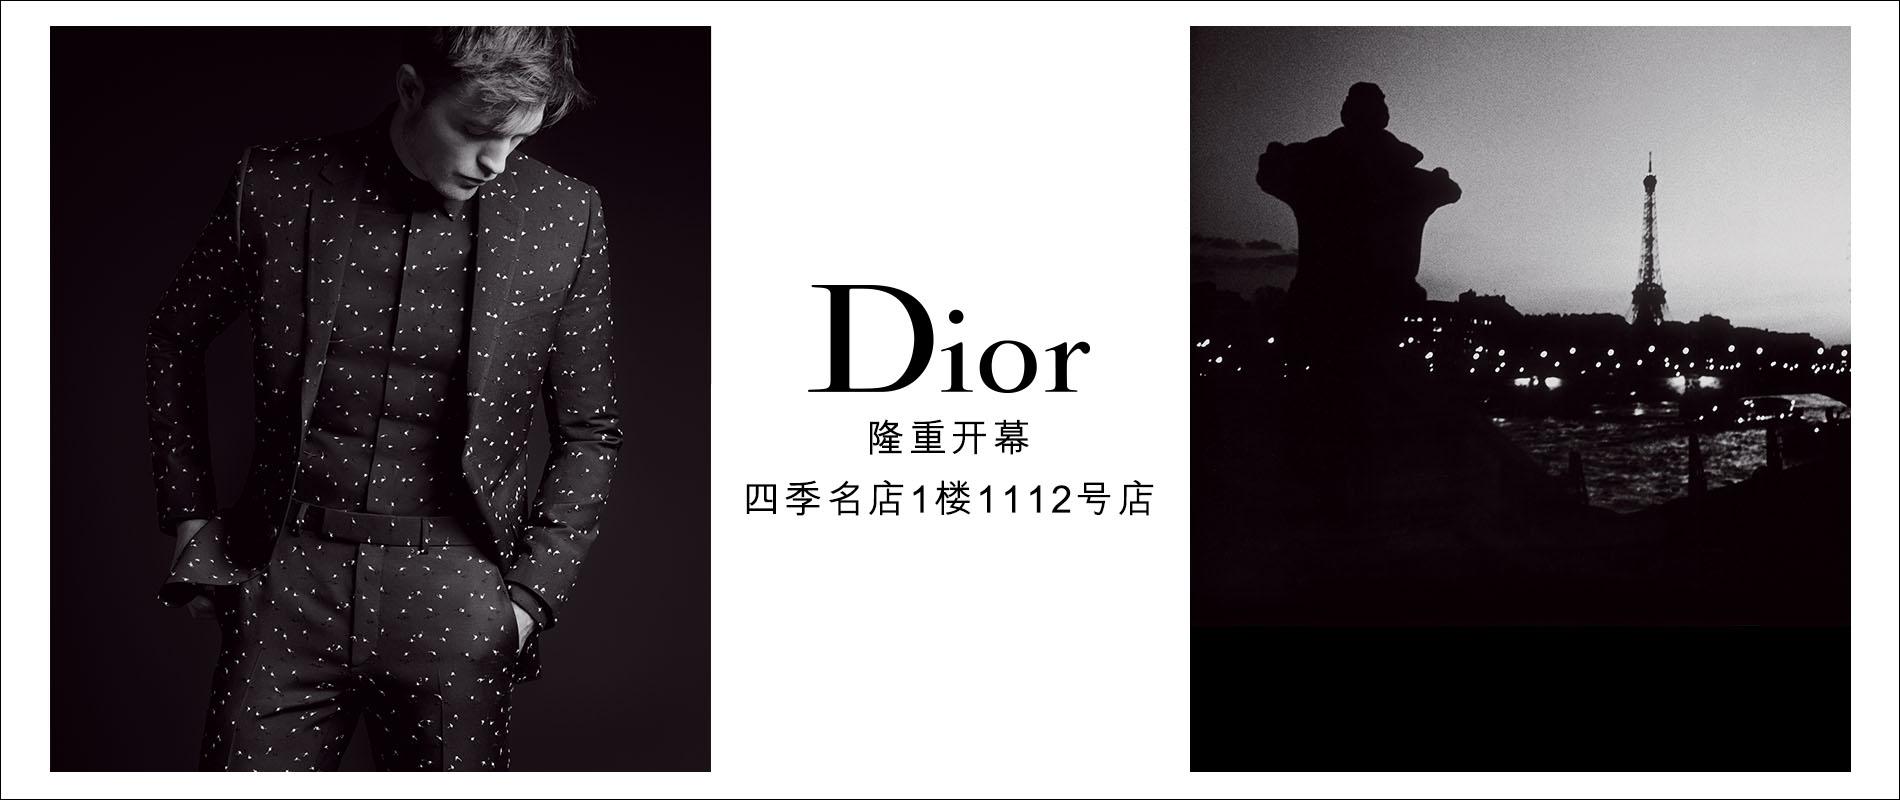 Dior 迪奥